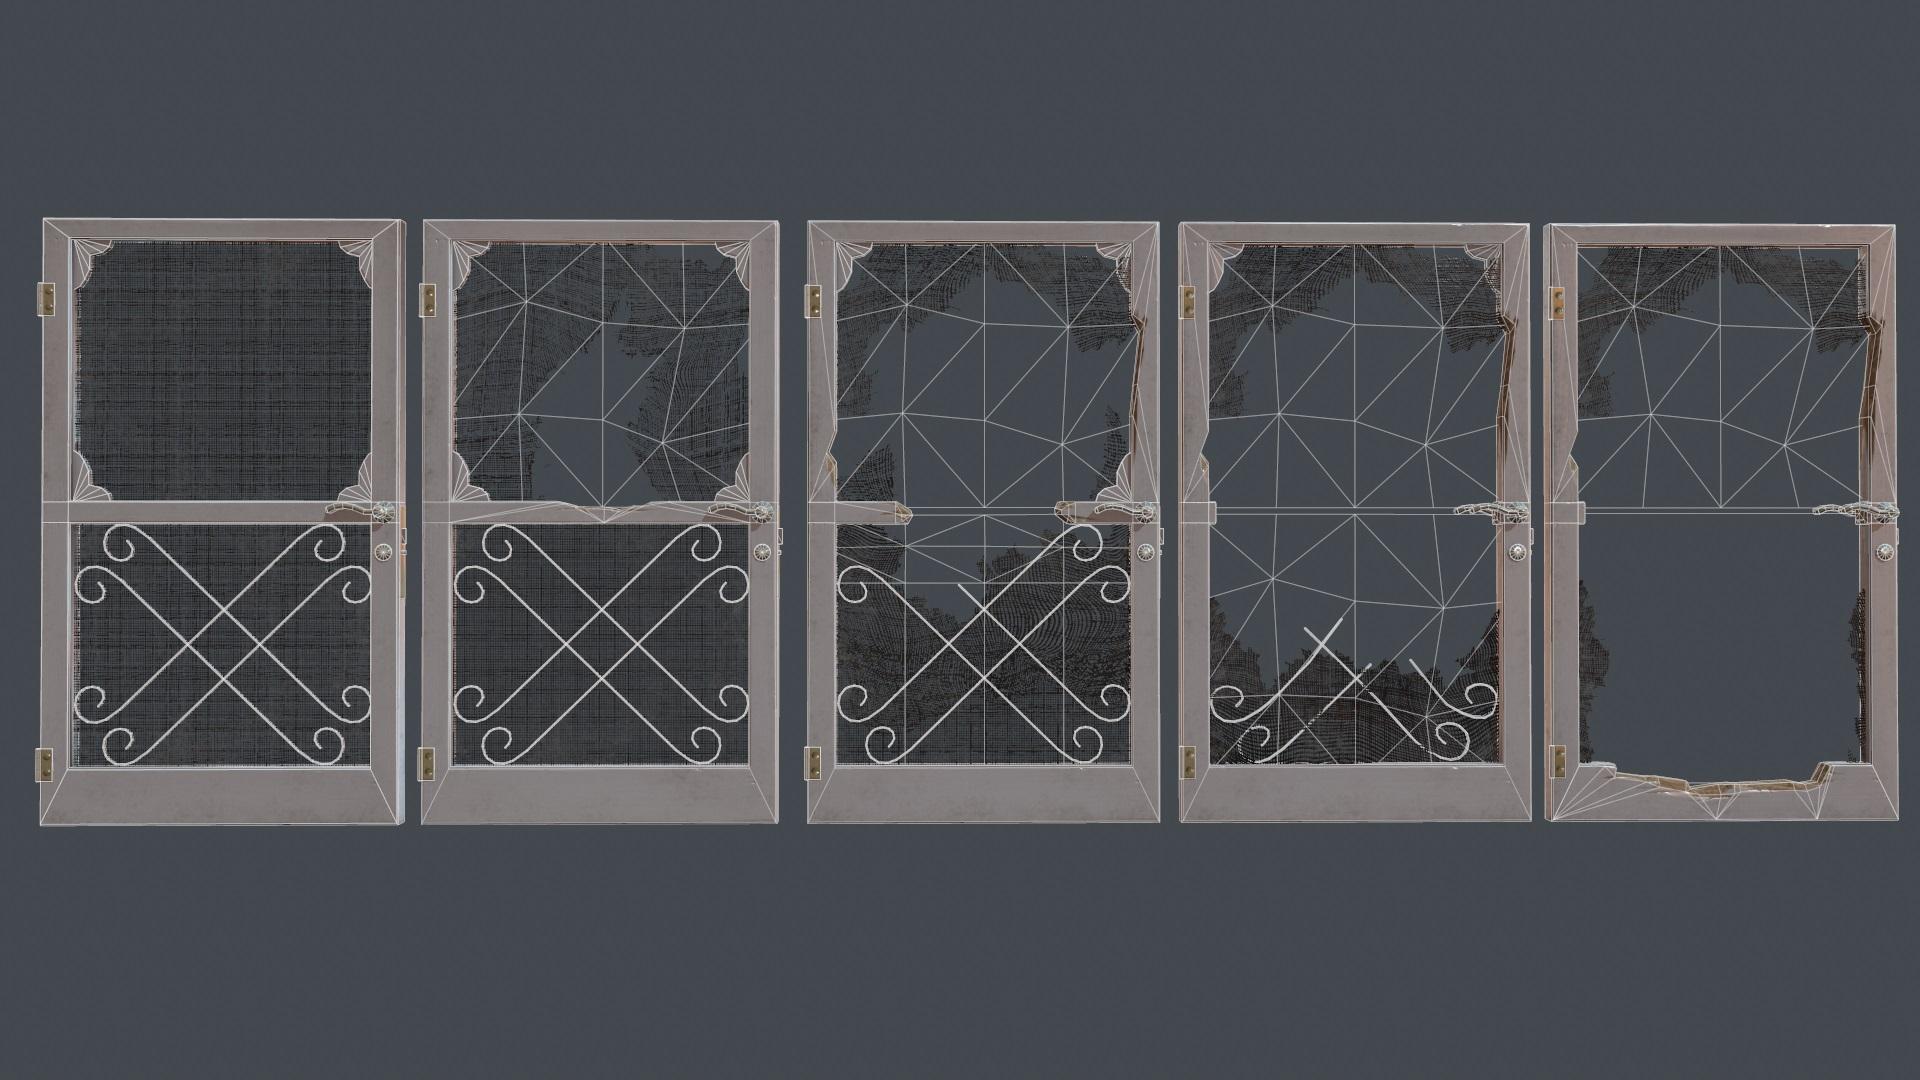 screendoor_gibs_wire.jpg